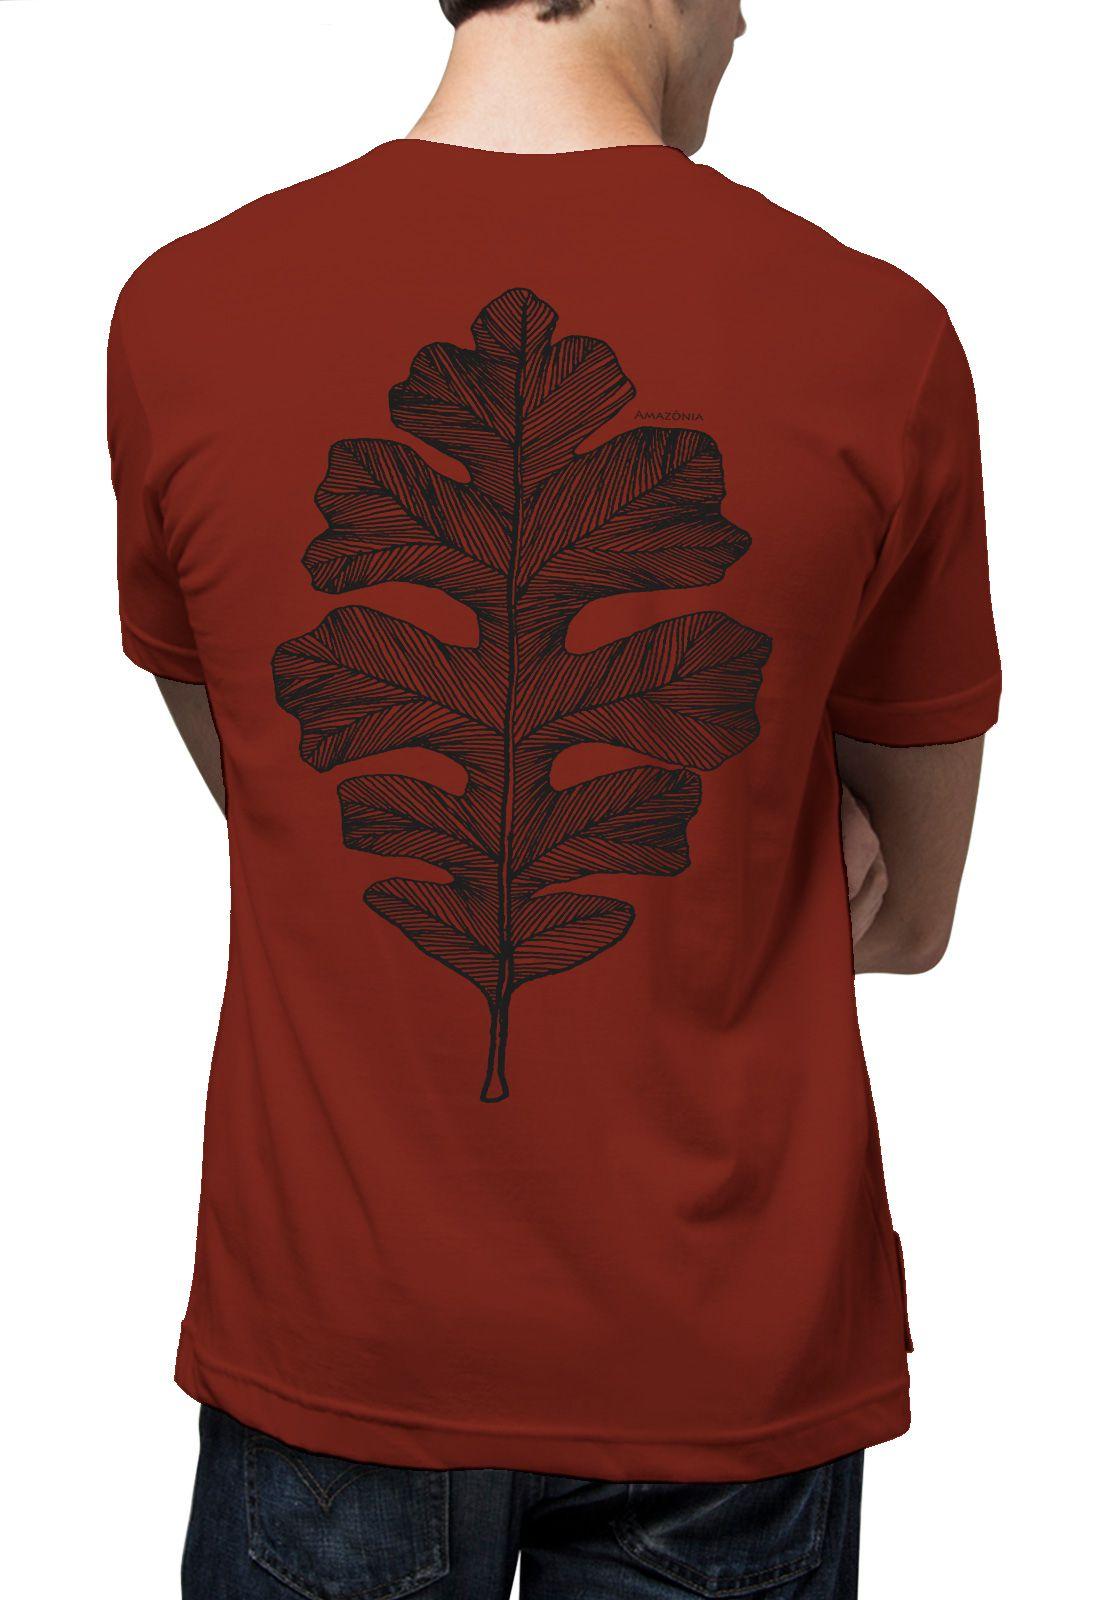 Camiseta Amazônia Folha Arte Gráfica - VERMELHO